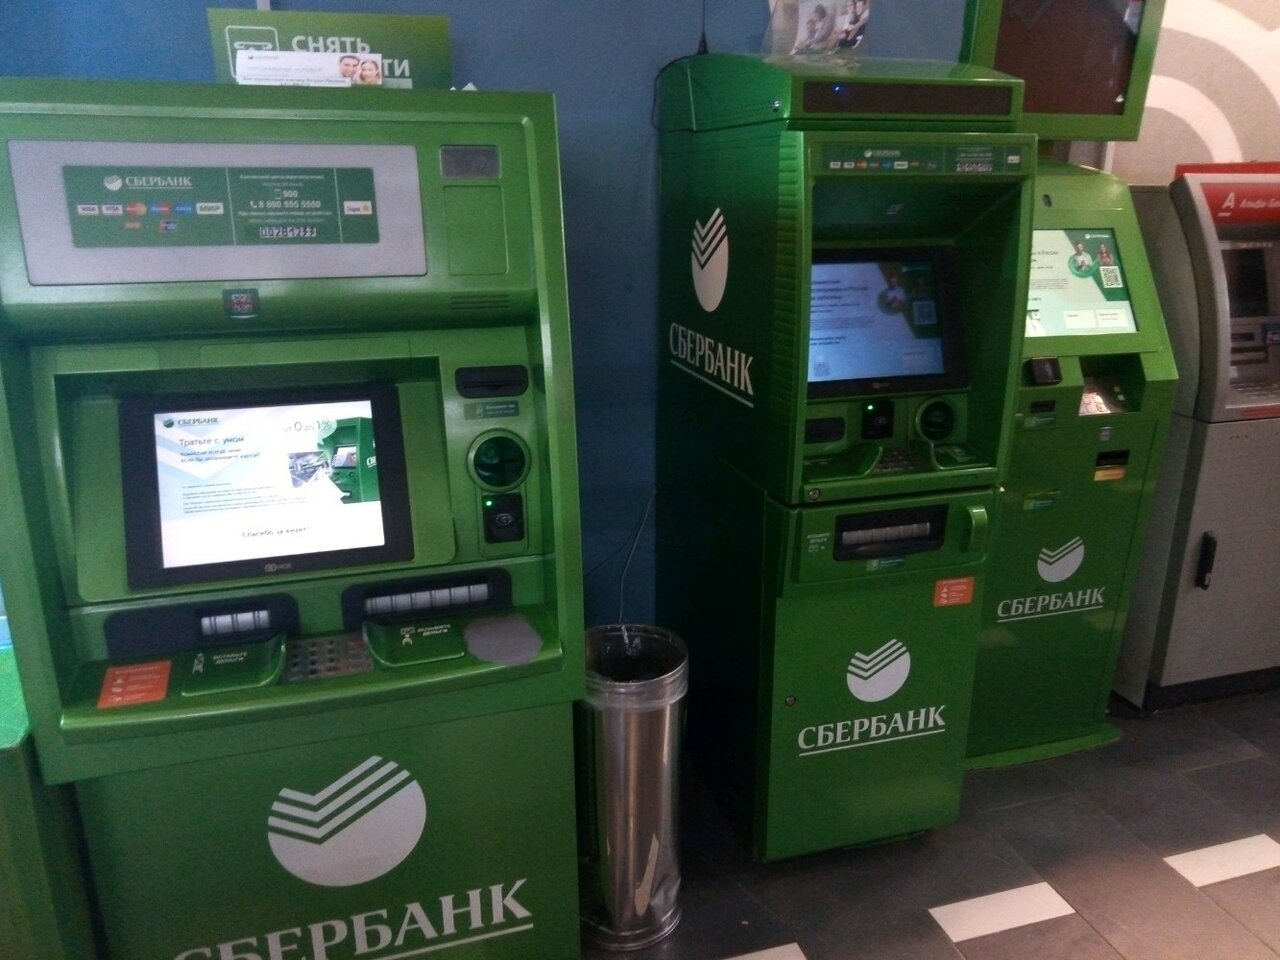 Банкоматы Сбербанка в Магнитогорске